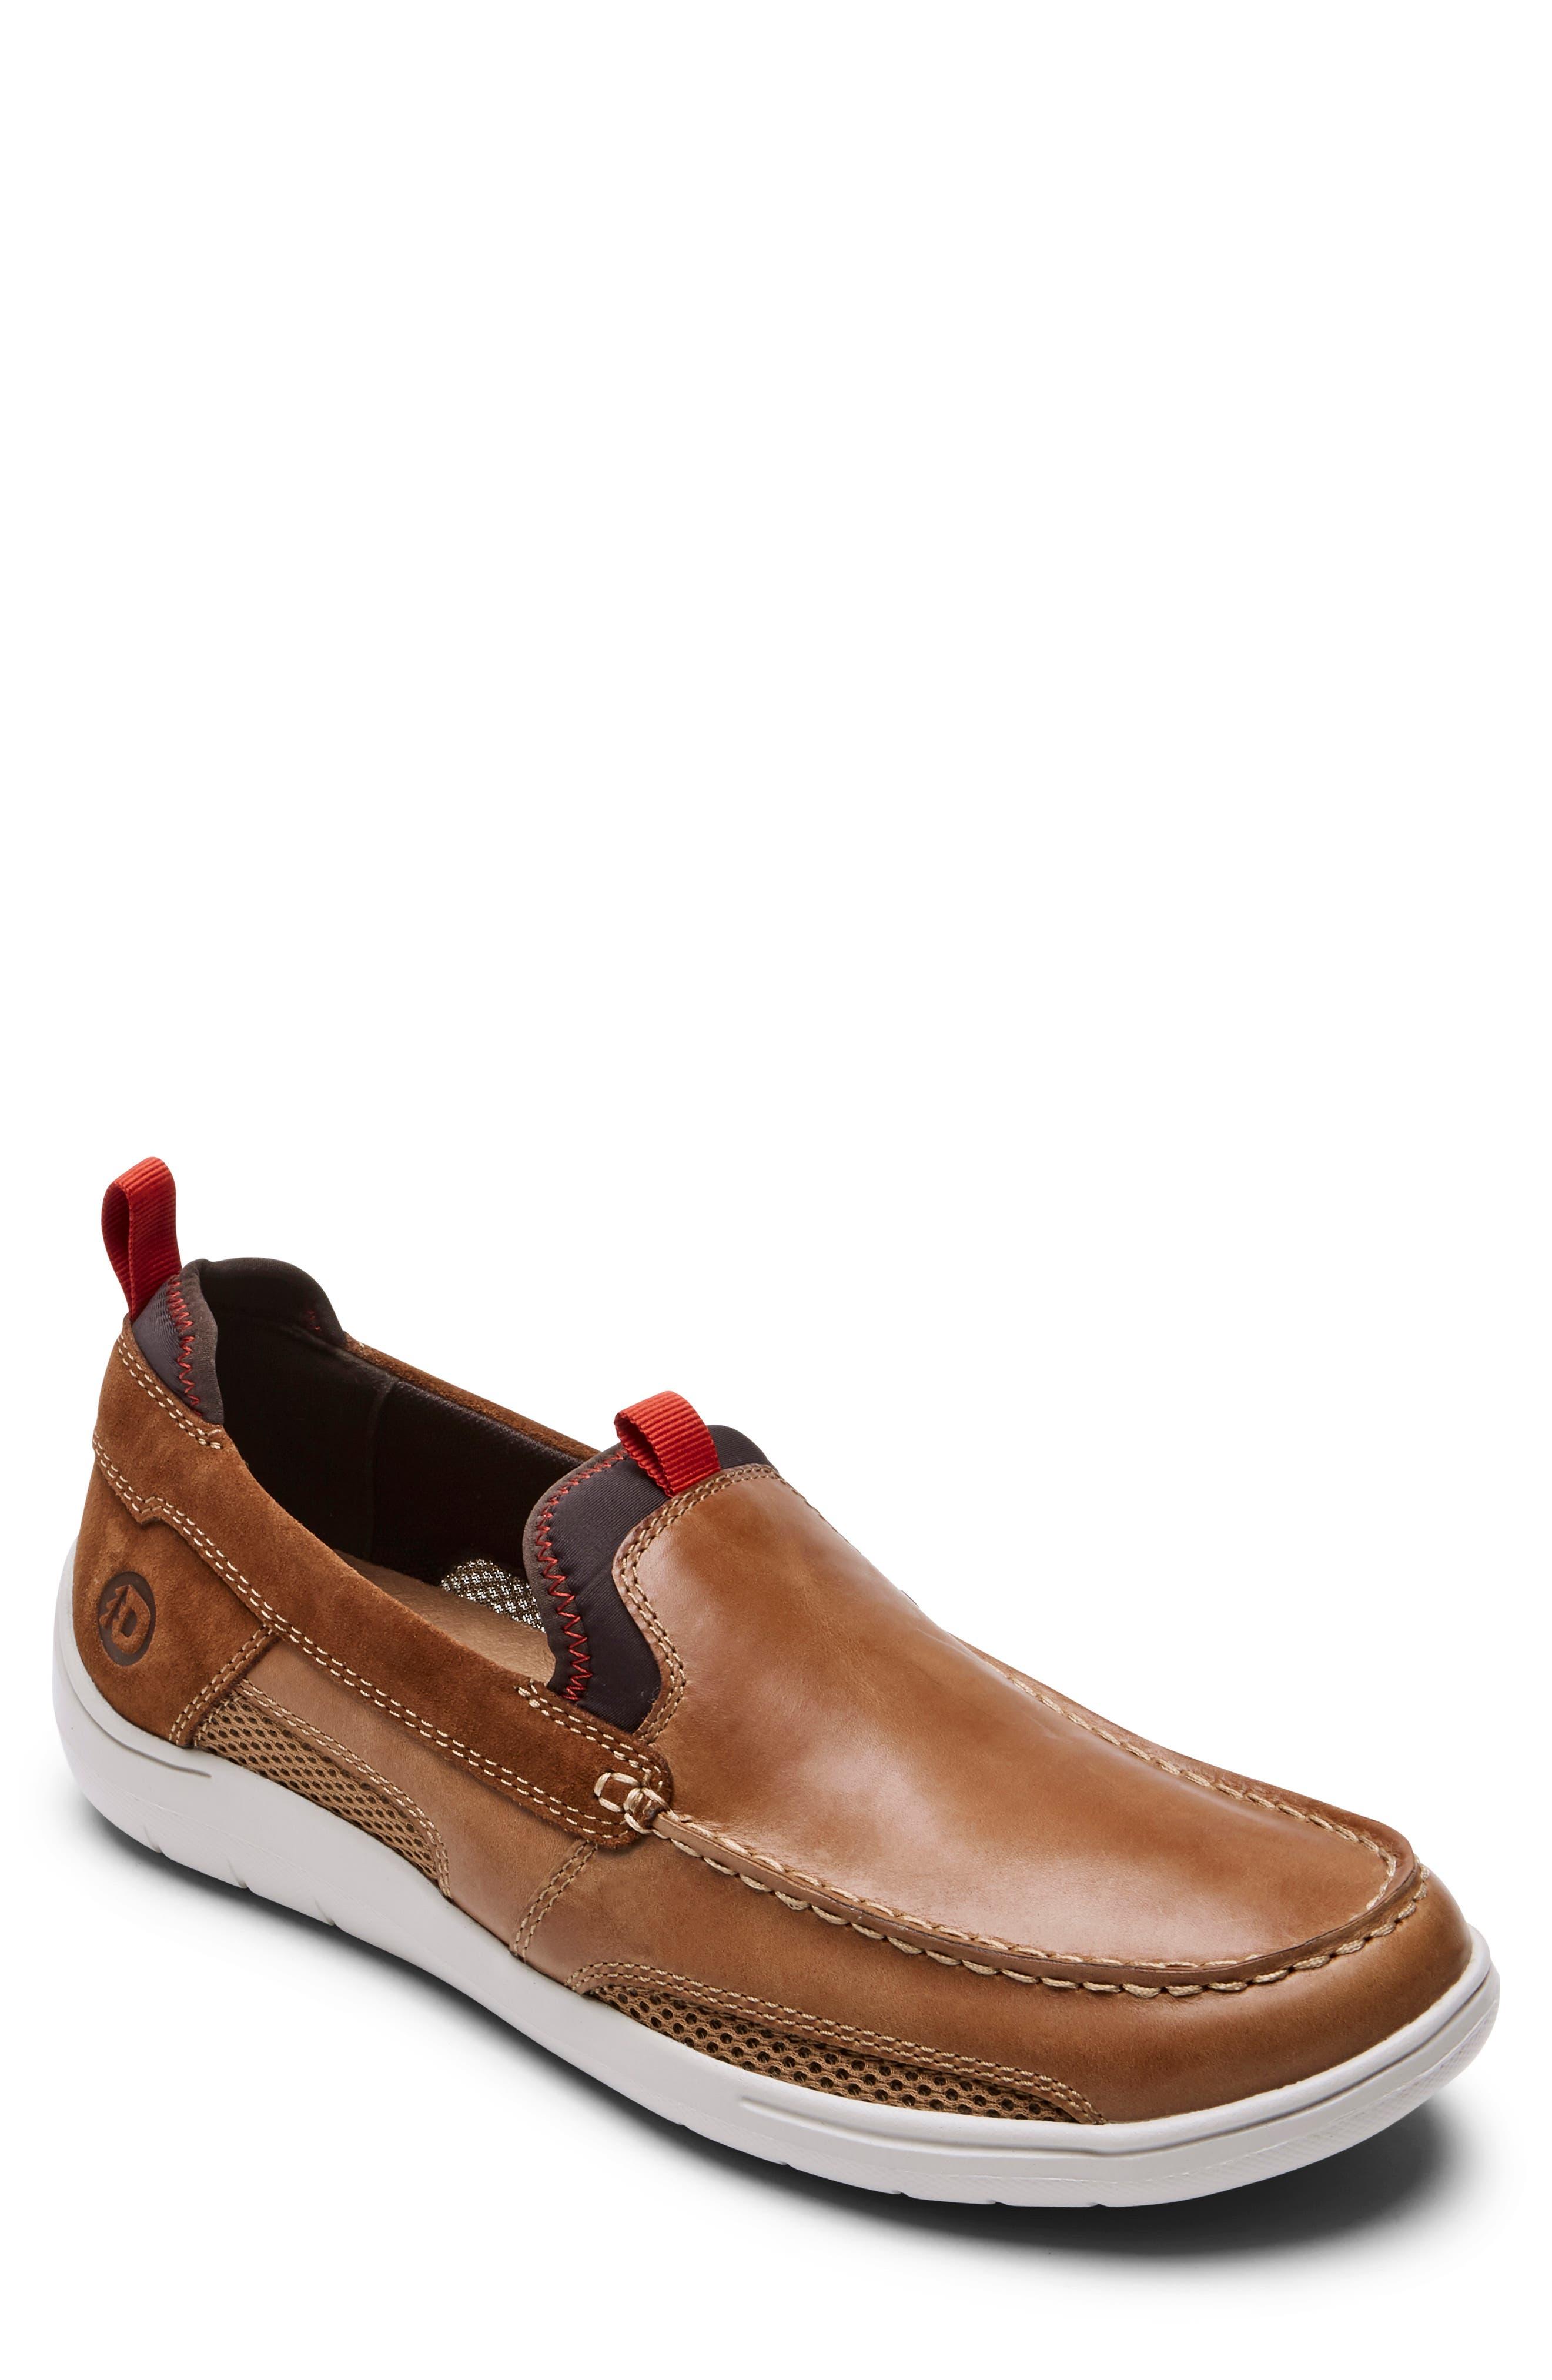 Fitsmart Loafer